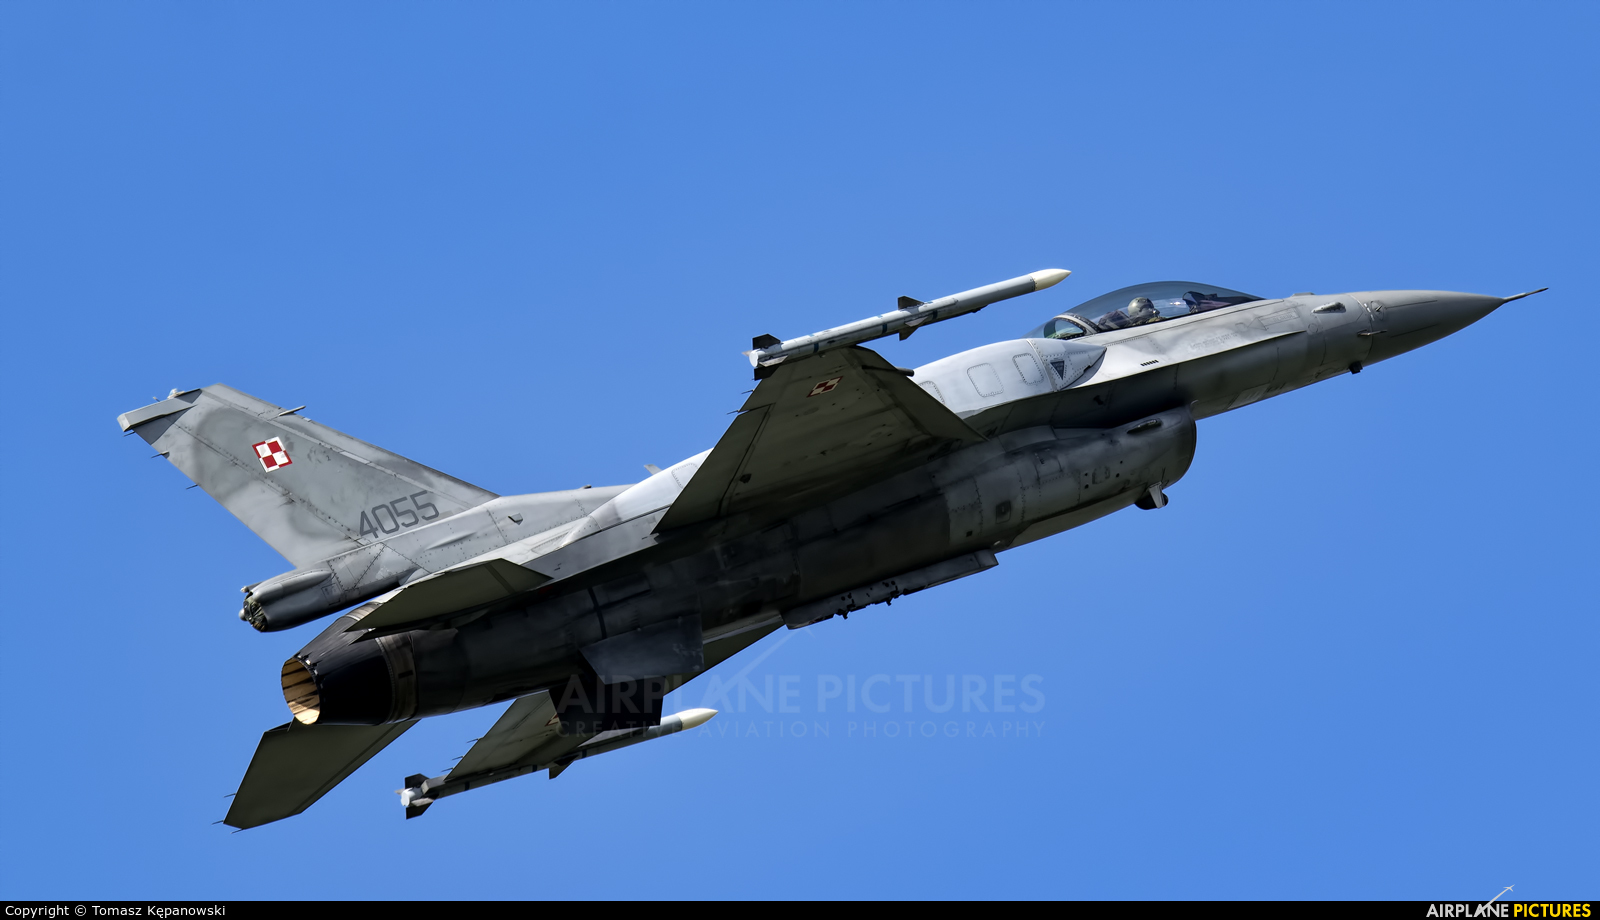 Poland - Air Force 4055 aircraft at Mielec